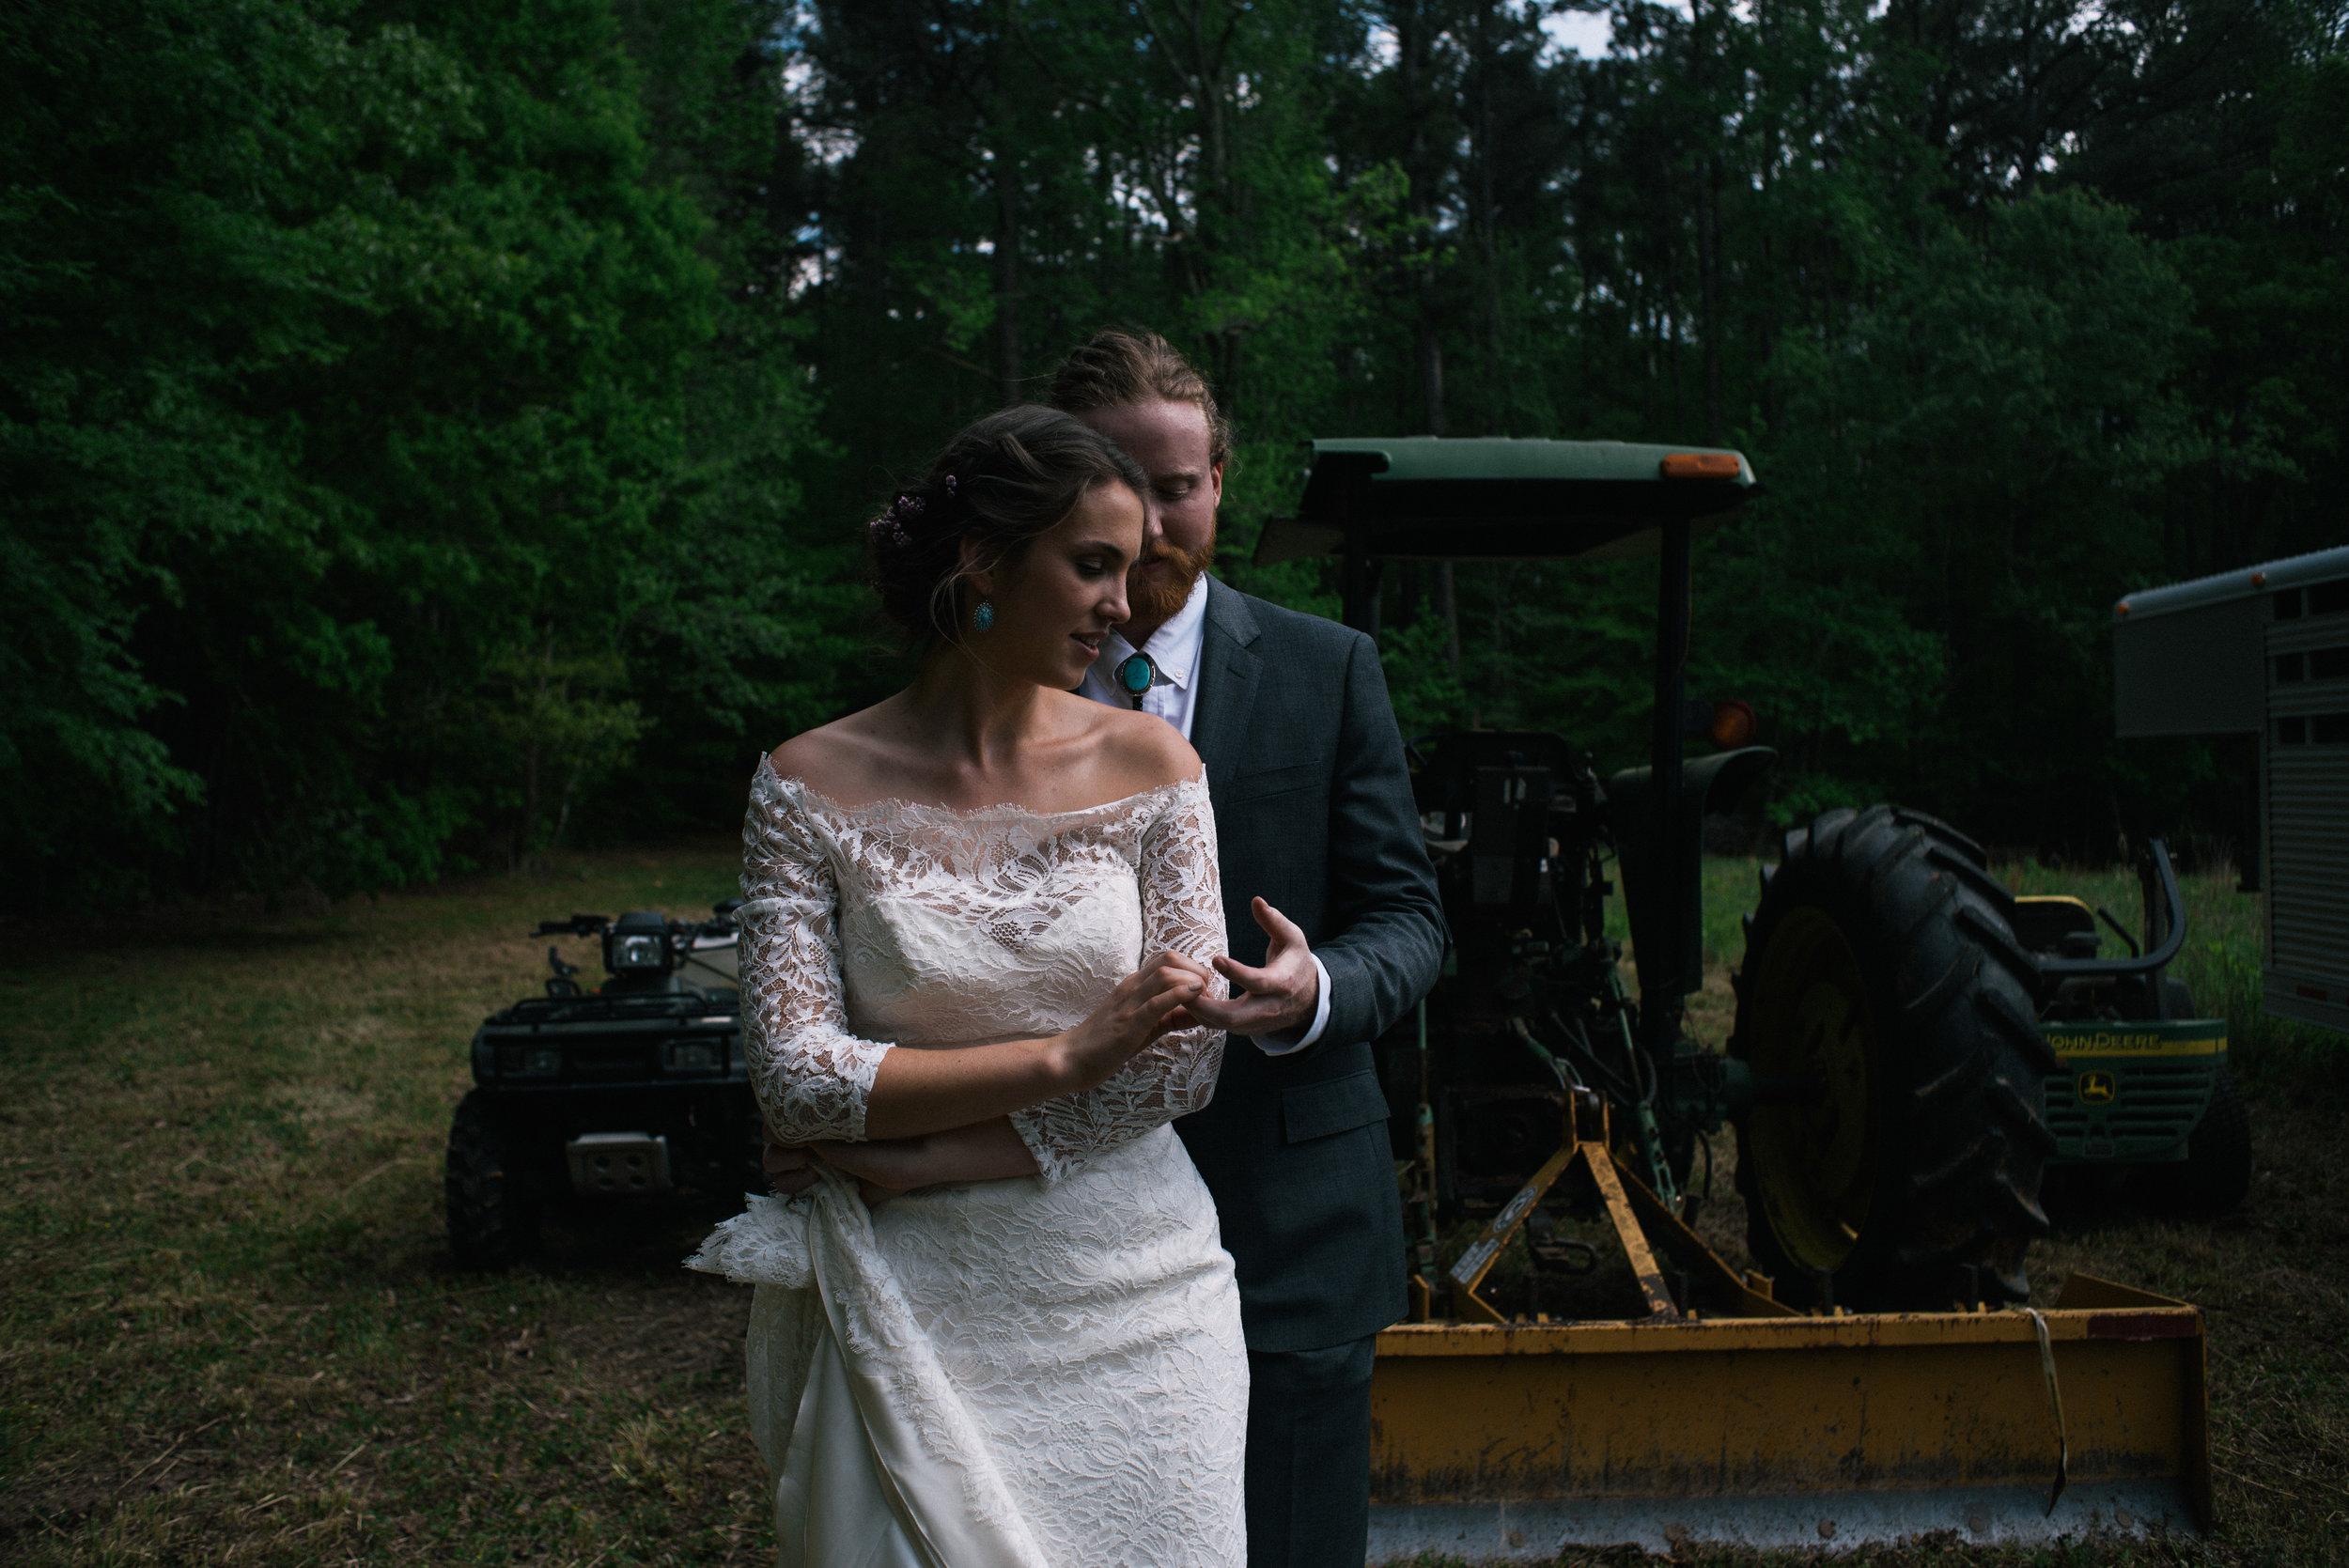 raleigh-elopement-photographer-raleigh-durham-wedding-maddie-and-devin- (43 of 162).jpg